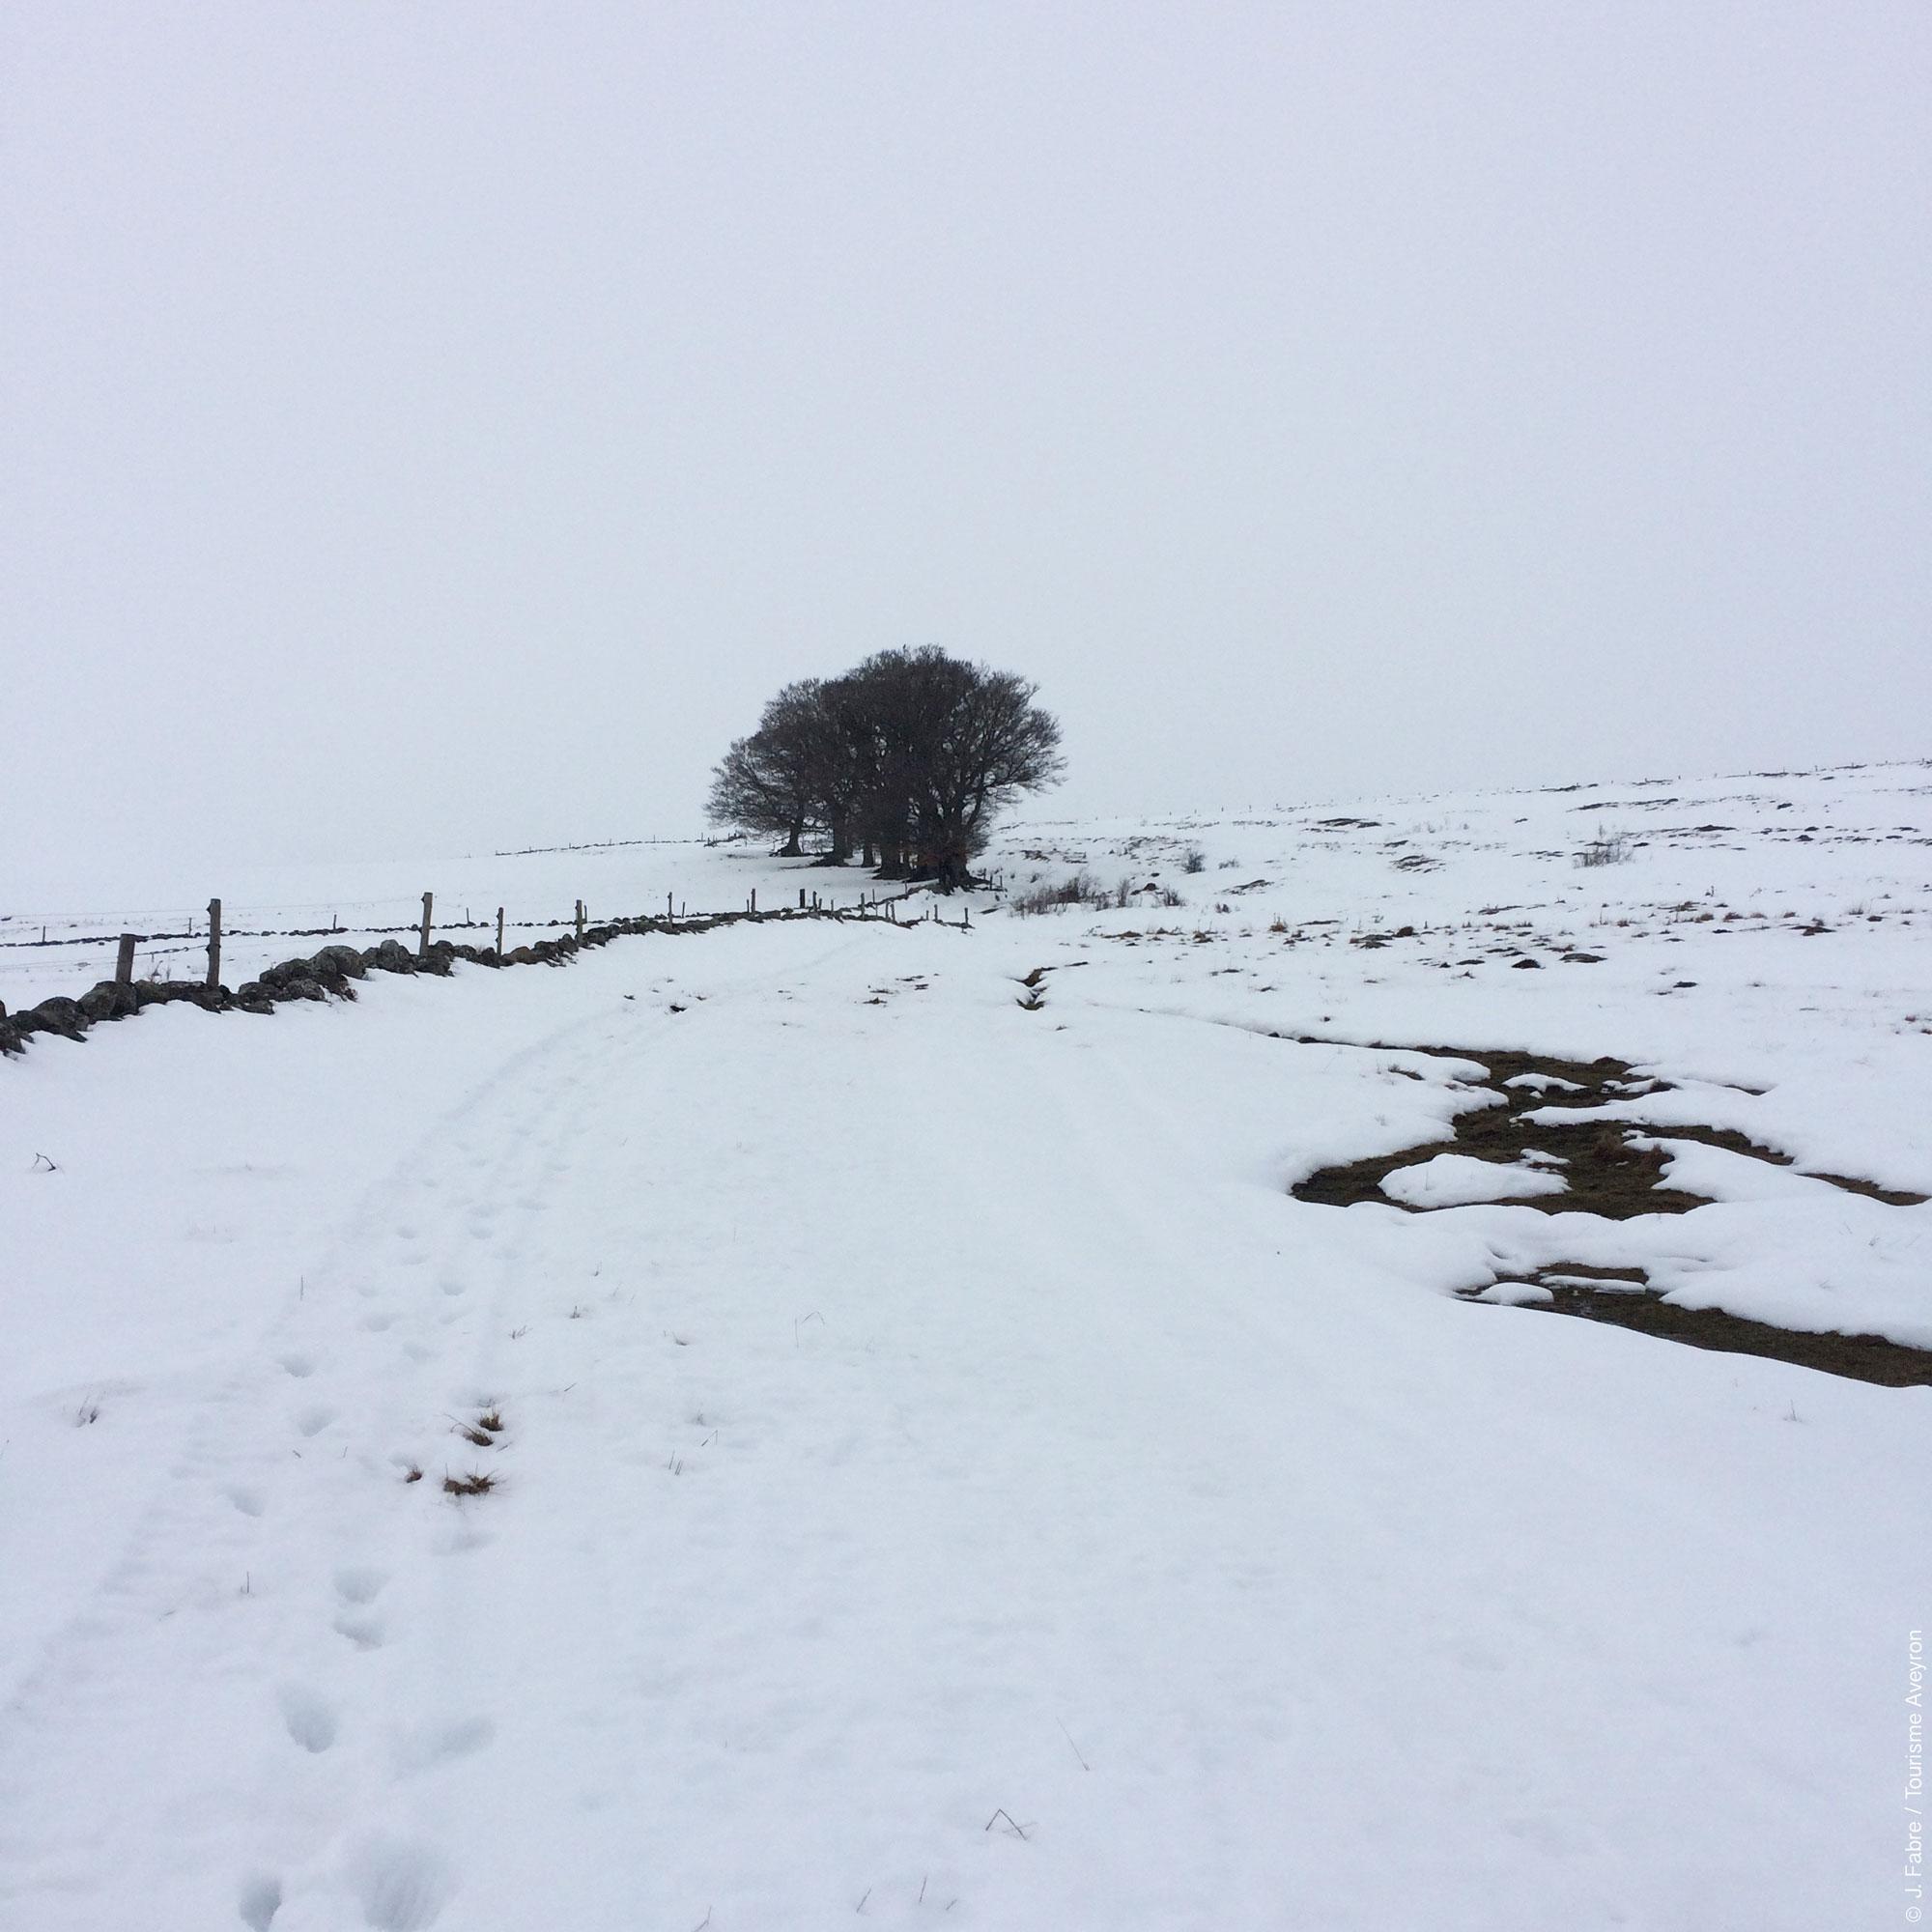 Aubrac sous la neige © J. Fabre - Tourisme Aveyron